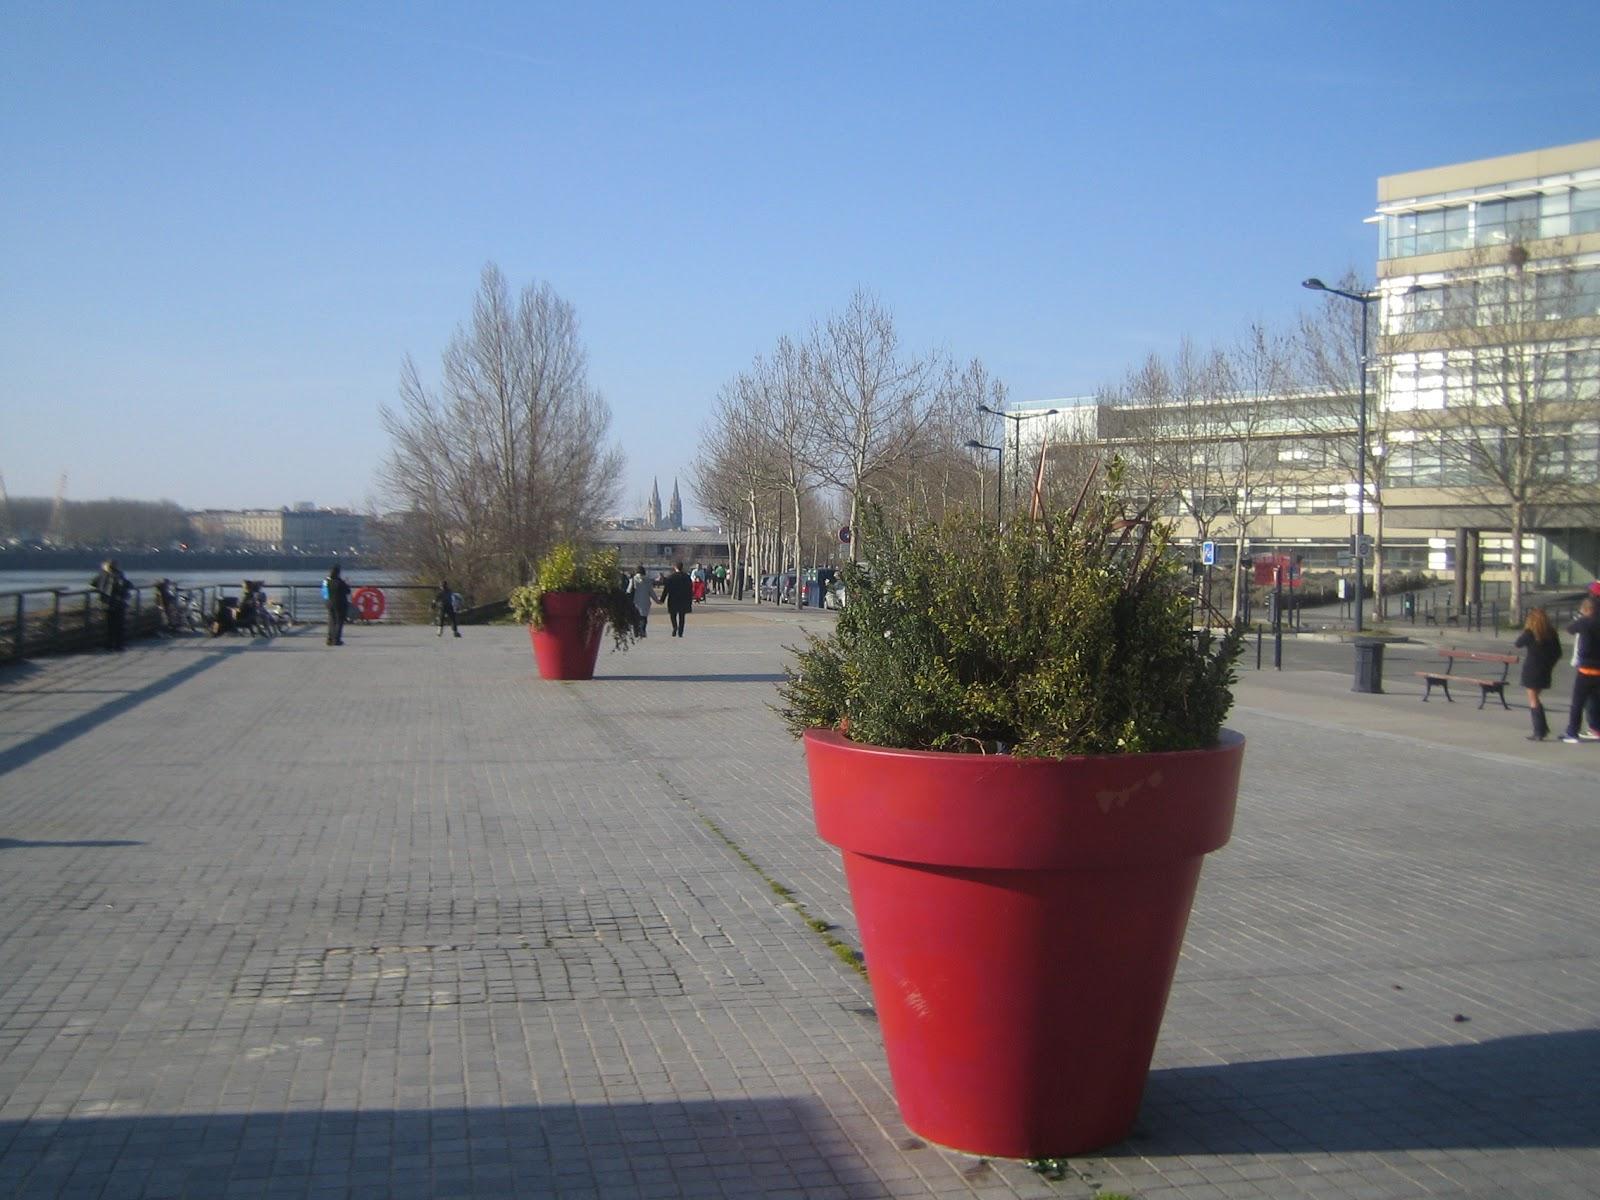 Antifraise antifraise les pots rouges - Le mas des pots rouges ...